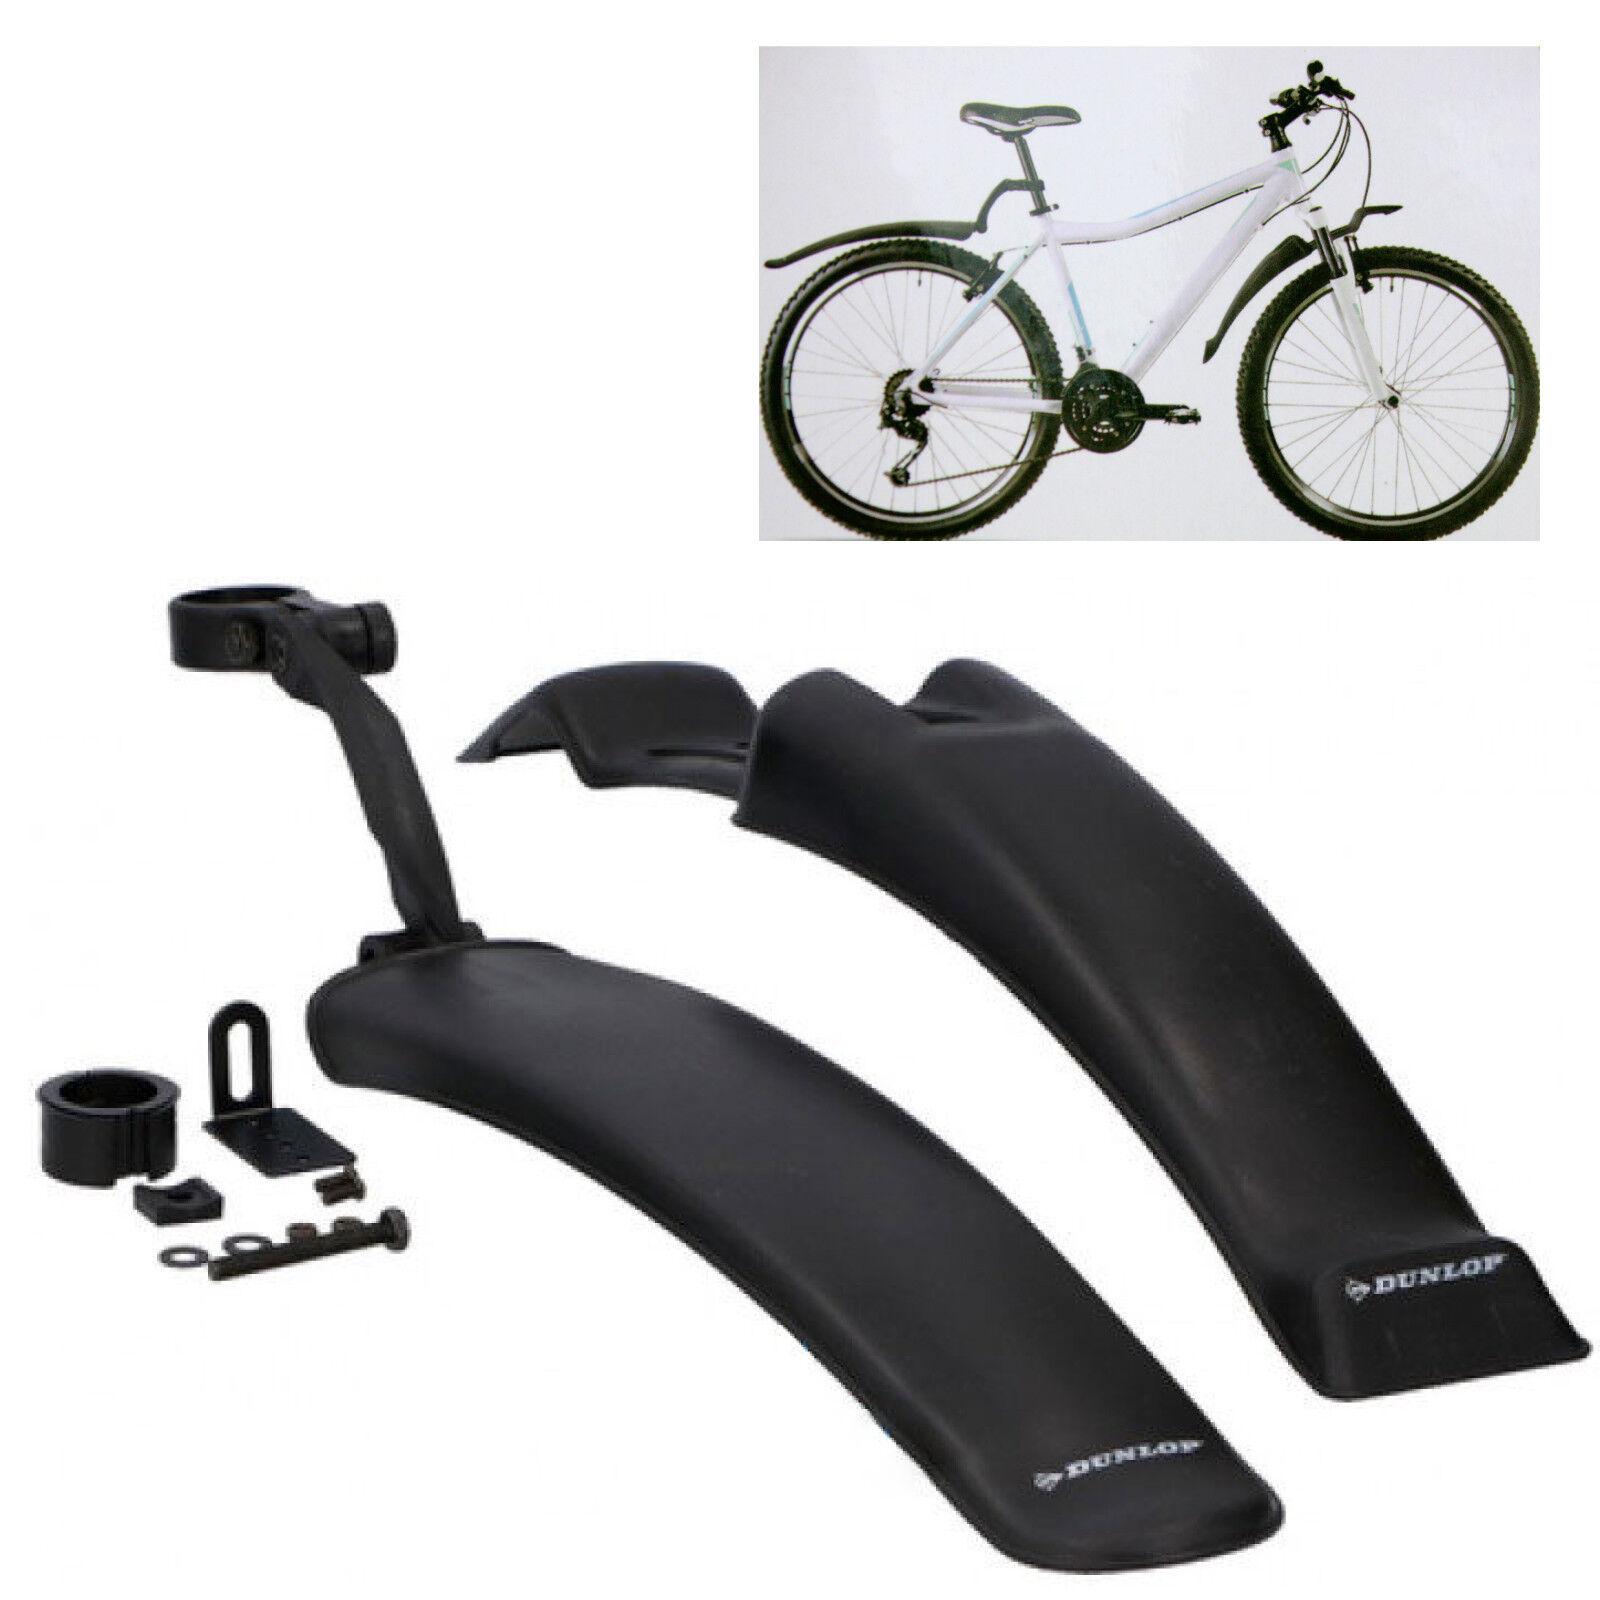 Fahrrad Schutzblech Mountainbike 24-26